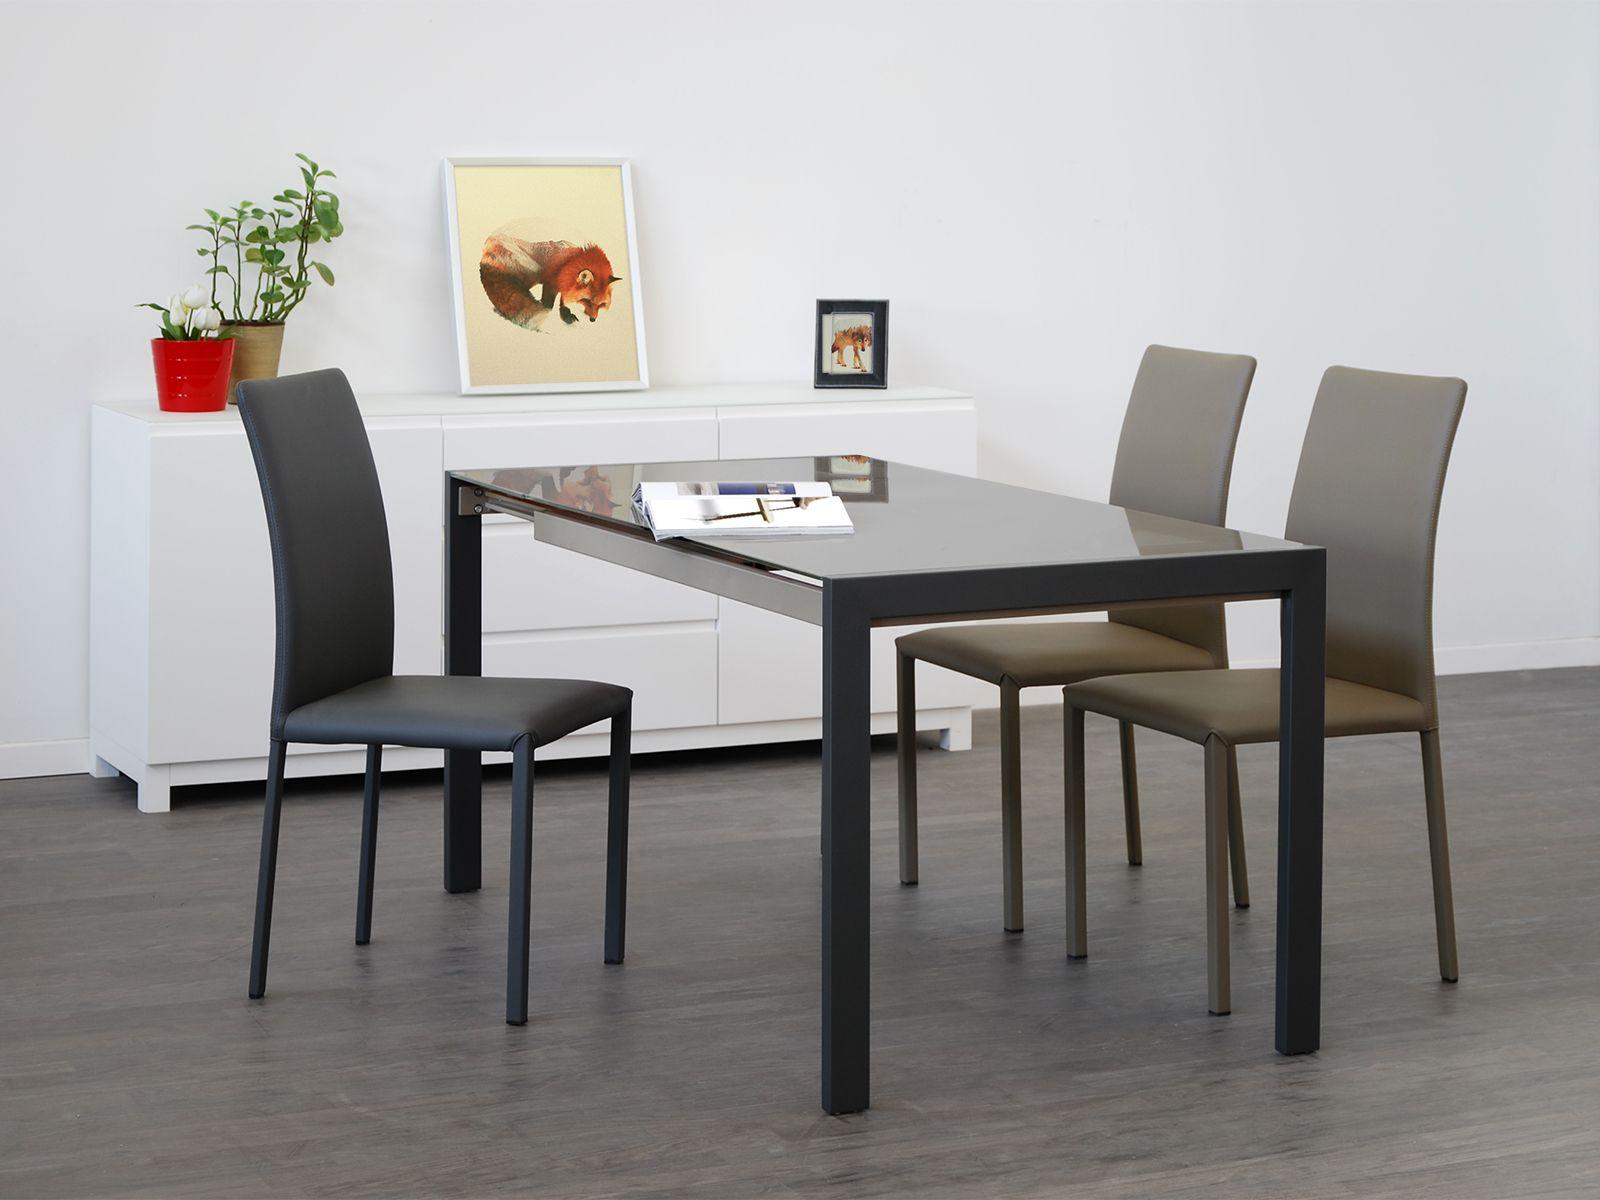 Poltroncine Per Sala Da Pranzo.Sedie Da Sala Da Pranzo E Cucina Marion H Realizzate Con